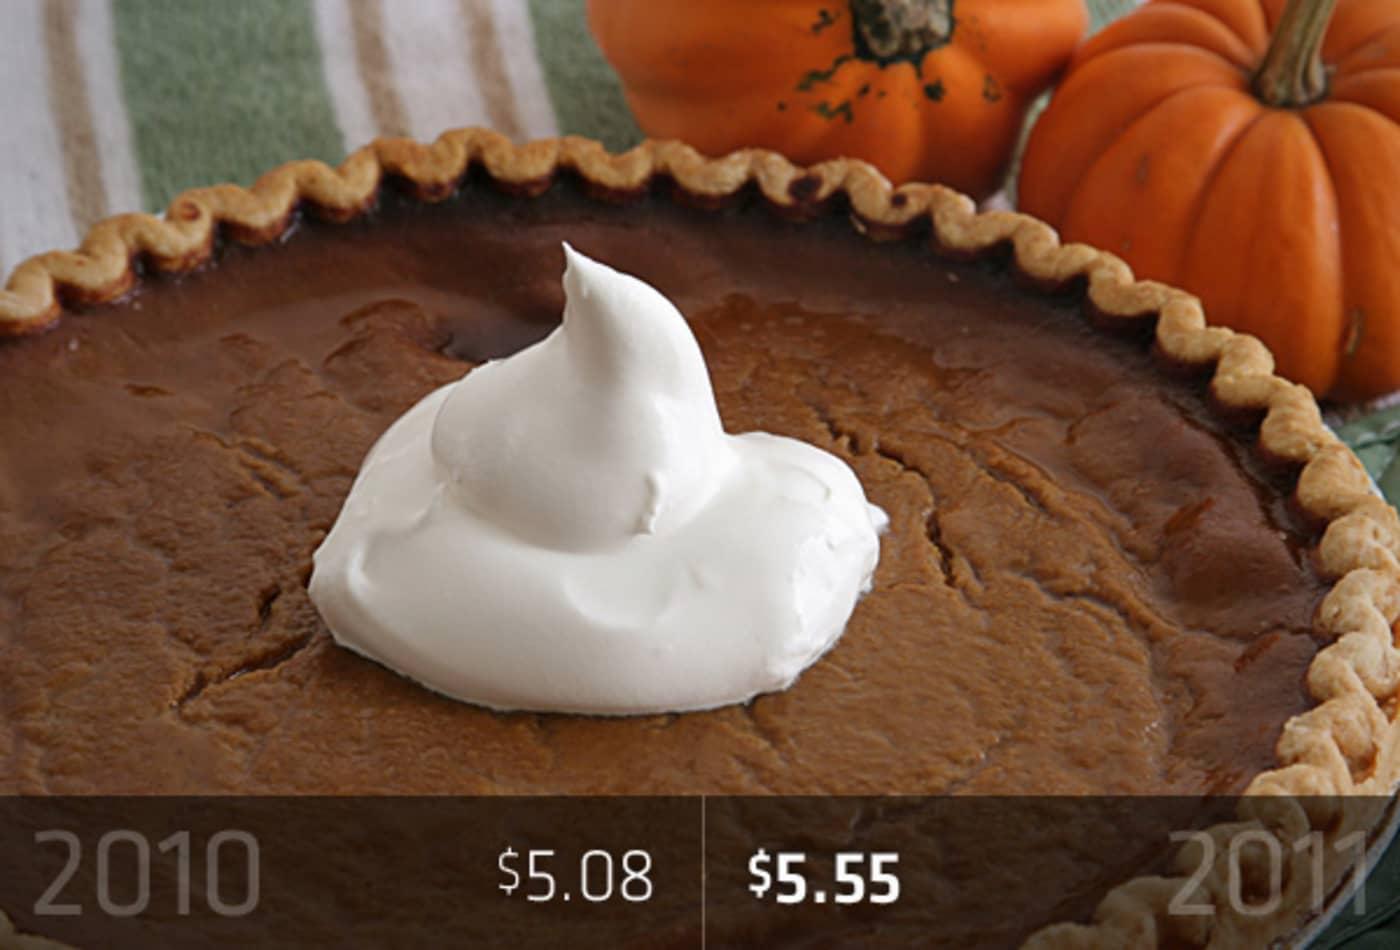 45358609 cost-of-thanksgiving-cnbc-2011-pumpkin.jpg